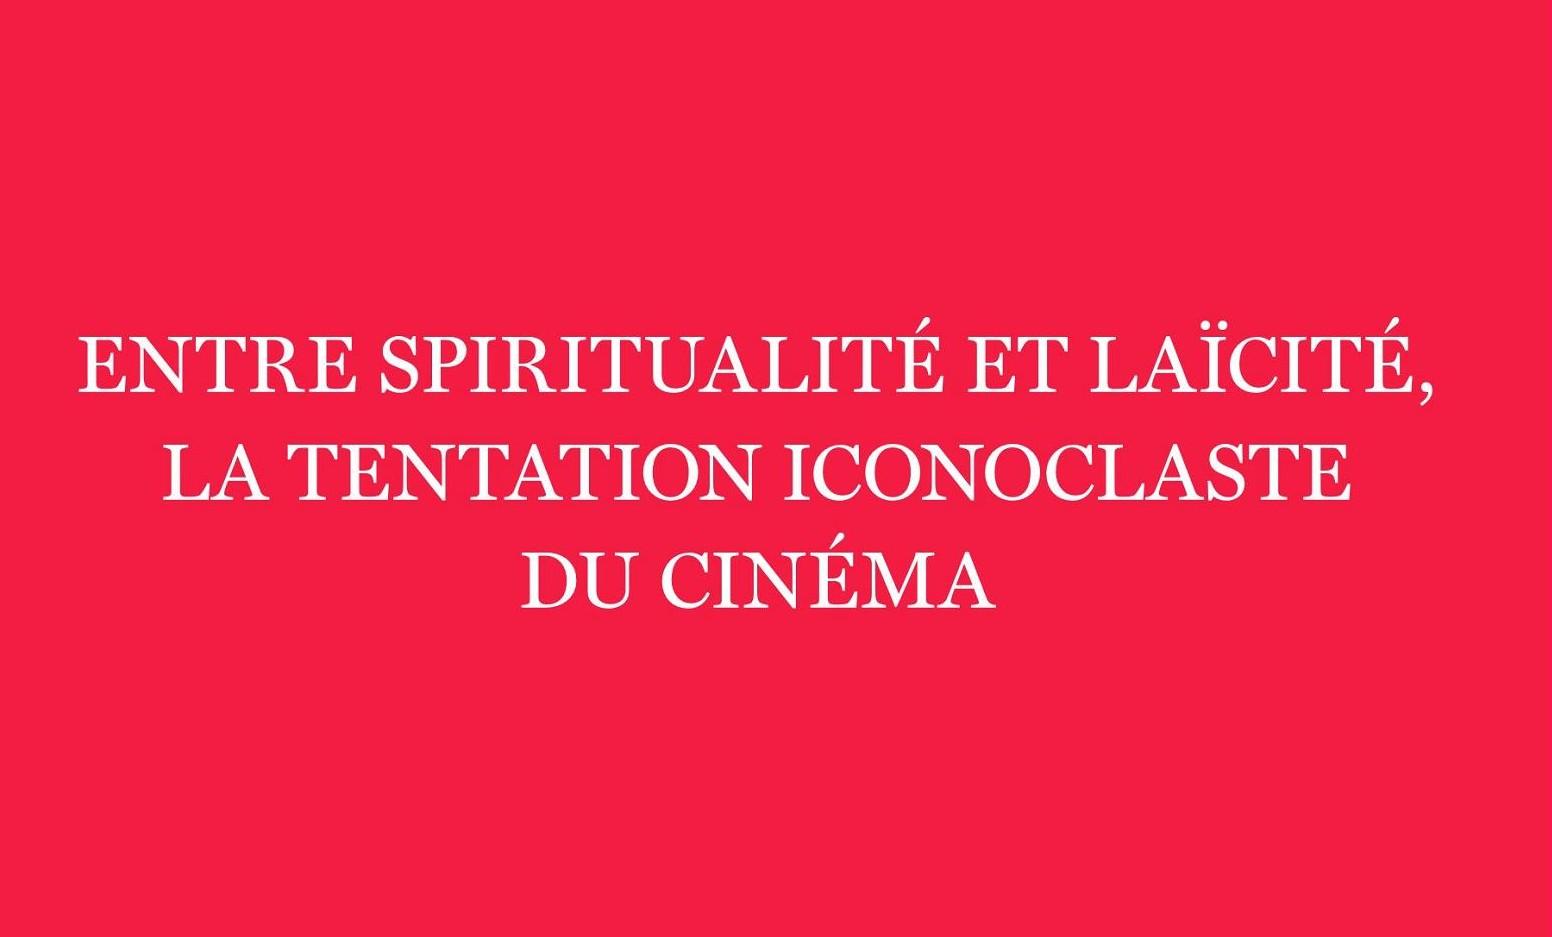 Entre spiritualité et laïcité, la tentation iconoclaste du cinéma